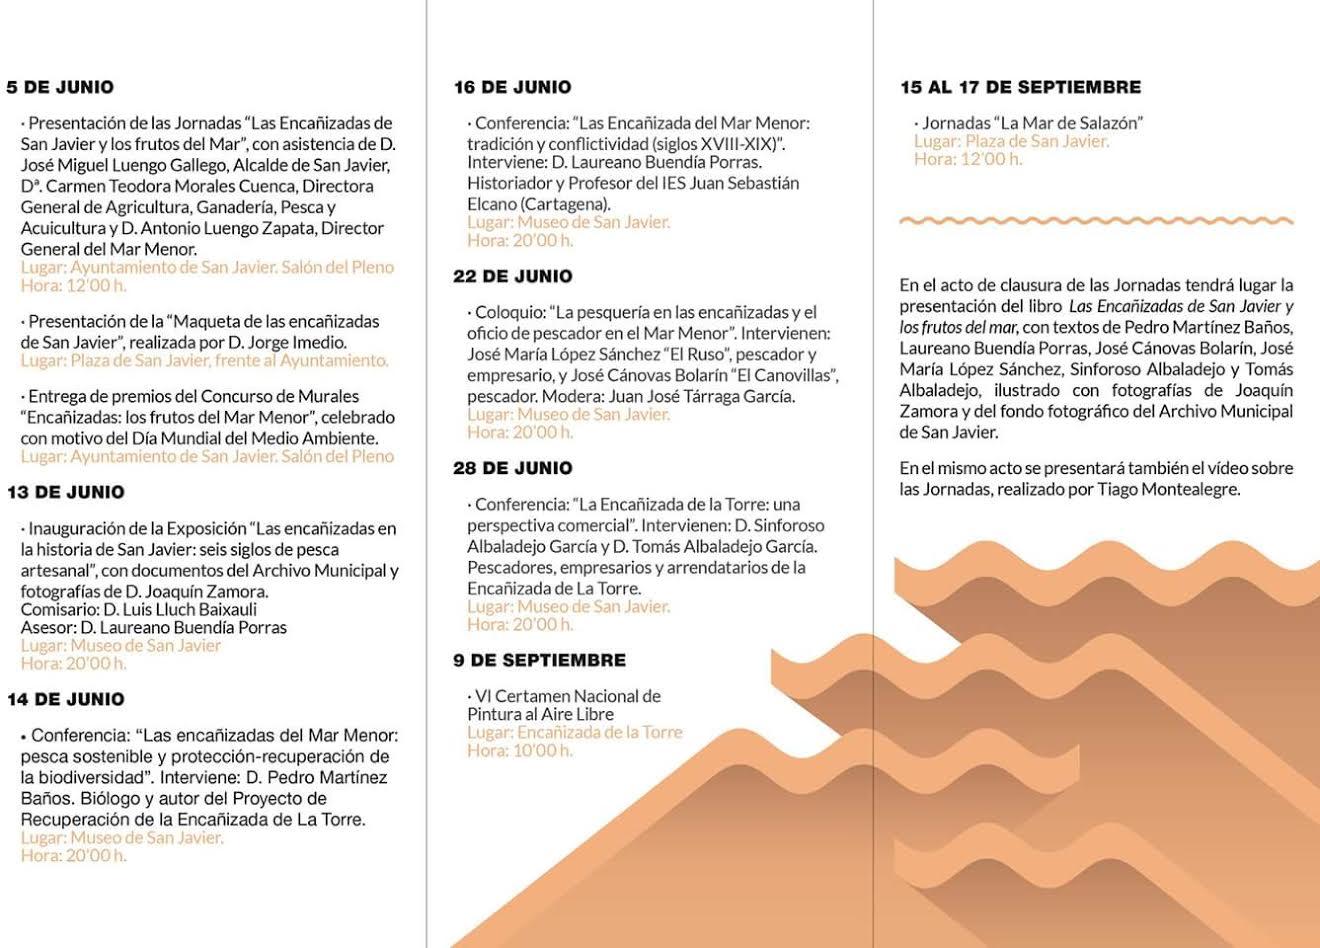 Conferencia sobre la encañizada de La Torre, con el Ayto. de San Javier